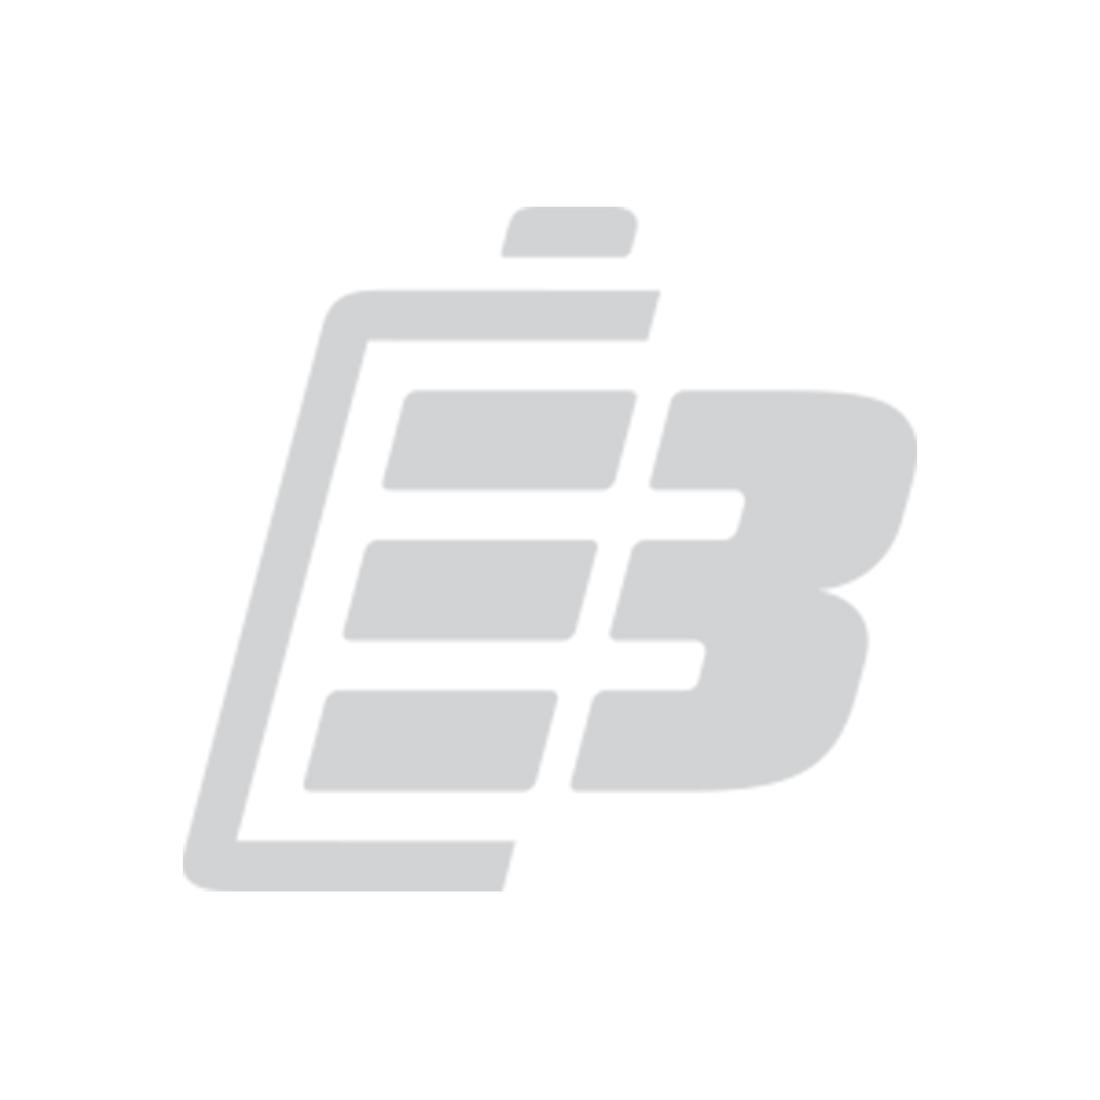 Μπαταρία barcode scanner Symbol PDT3300